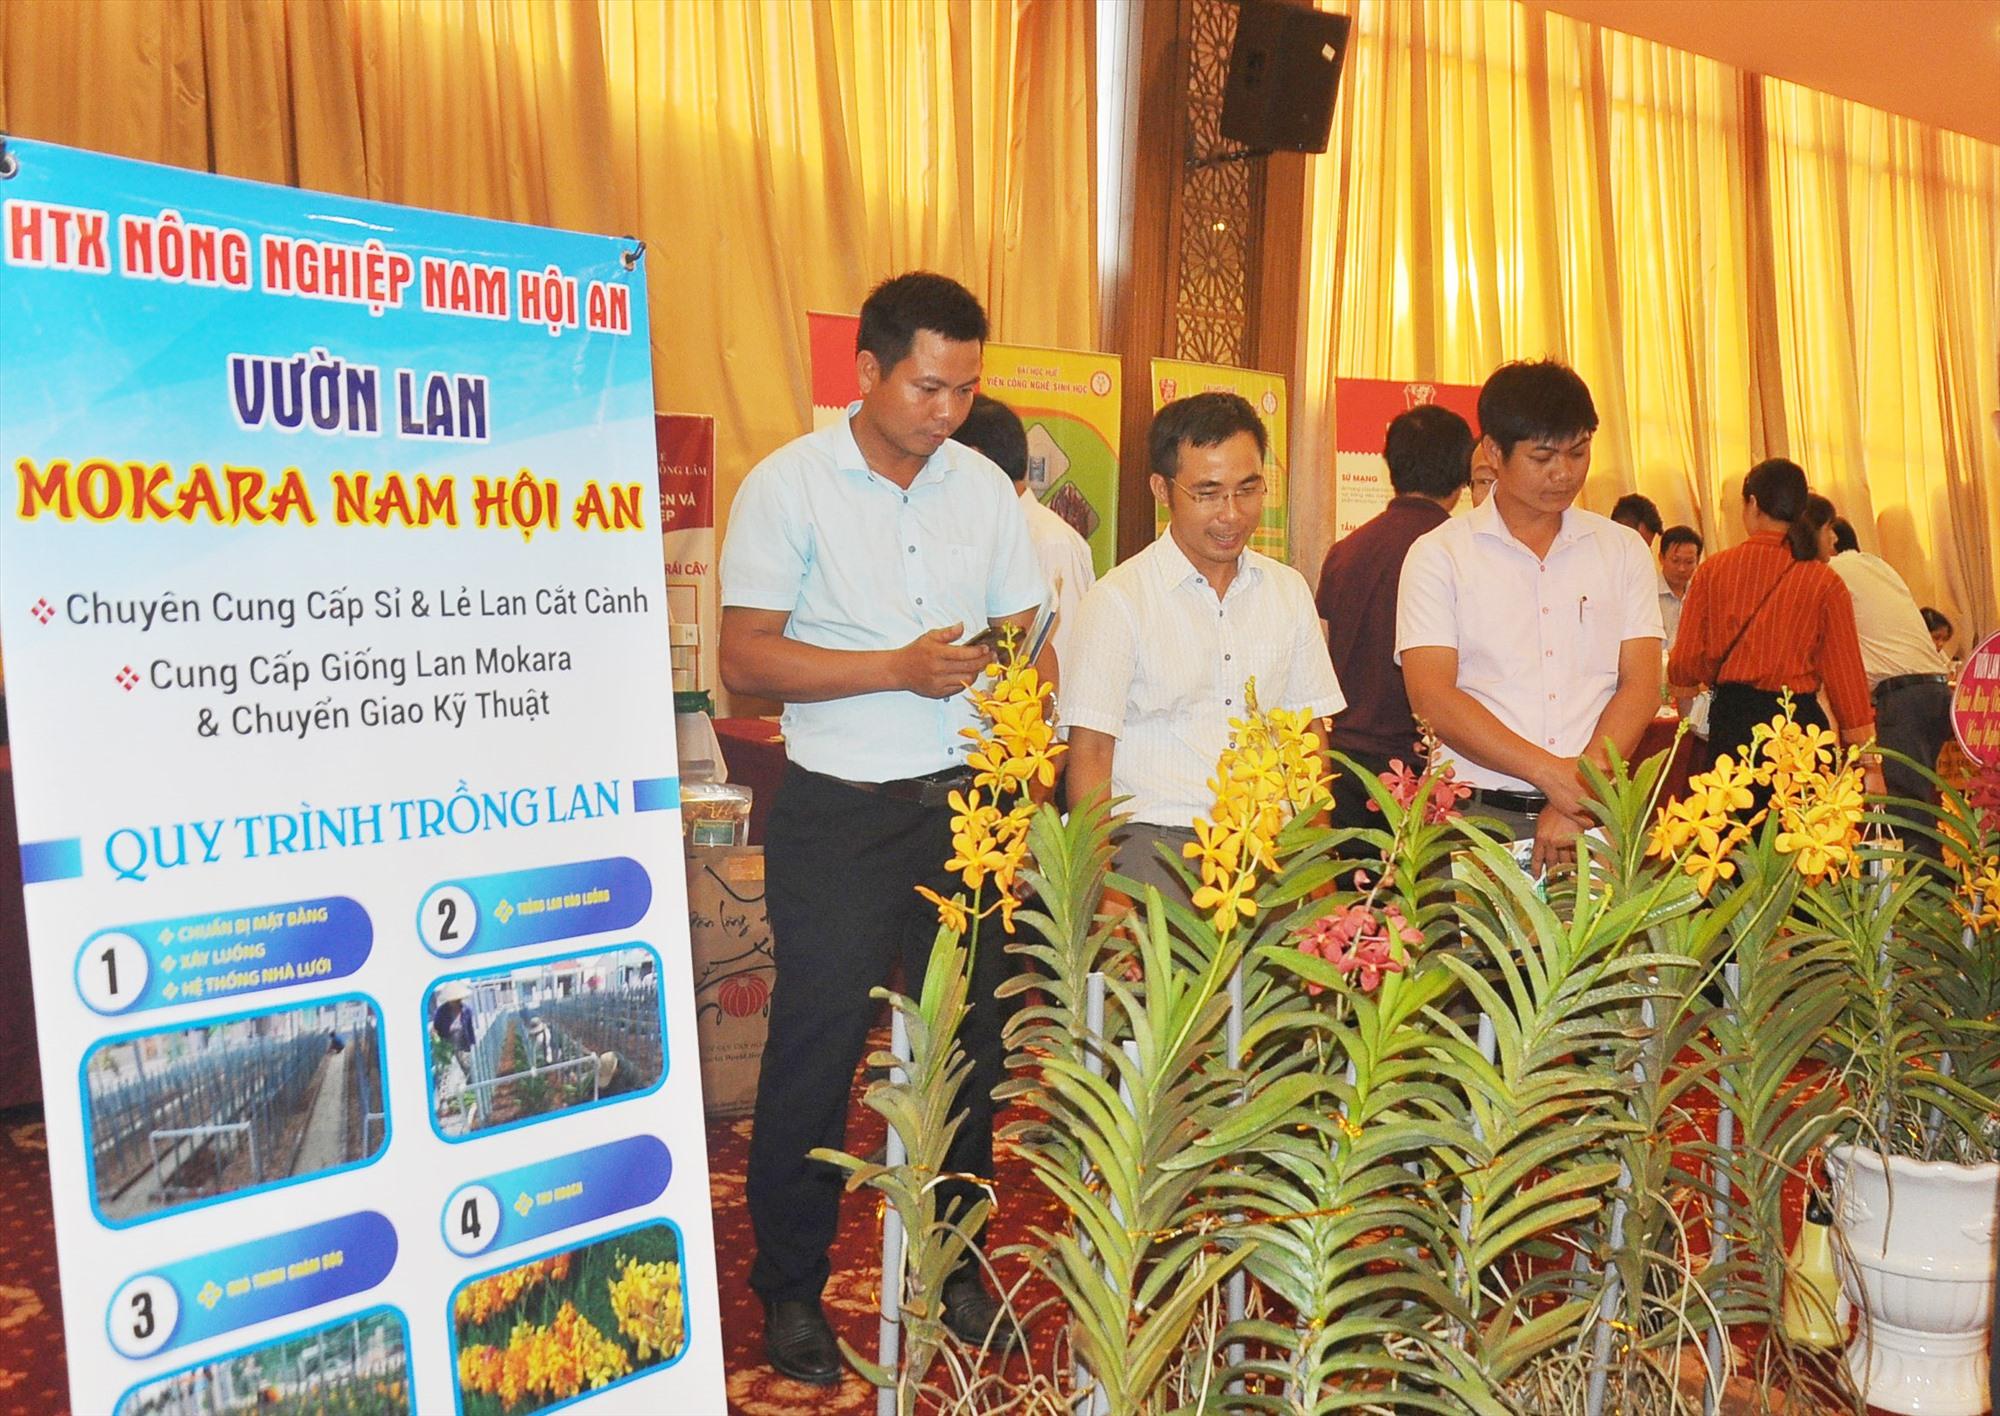 """Dự án khởi nghiệp """"Vườn lan Mokara Nam Hội An"""" của HTX Nông nghiệp Nam Hội An tham gia giới thiệu tại một sự kiện về khởi nghiệp nông nghiệp trên địa bàn tỉnh. Ảnh: Đ.N"""